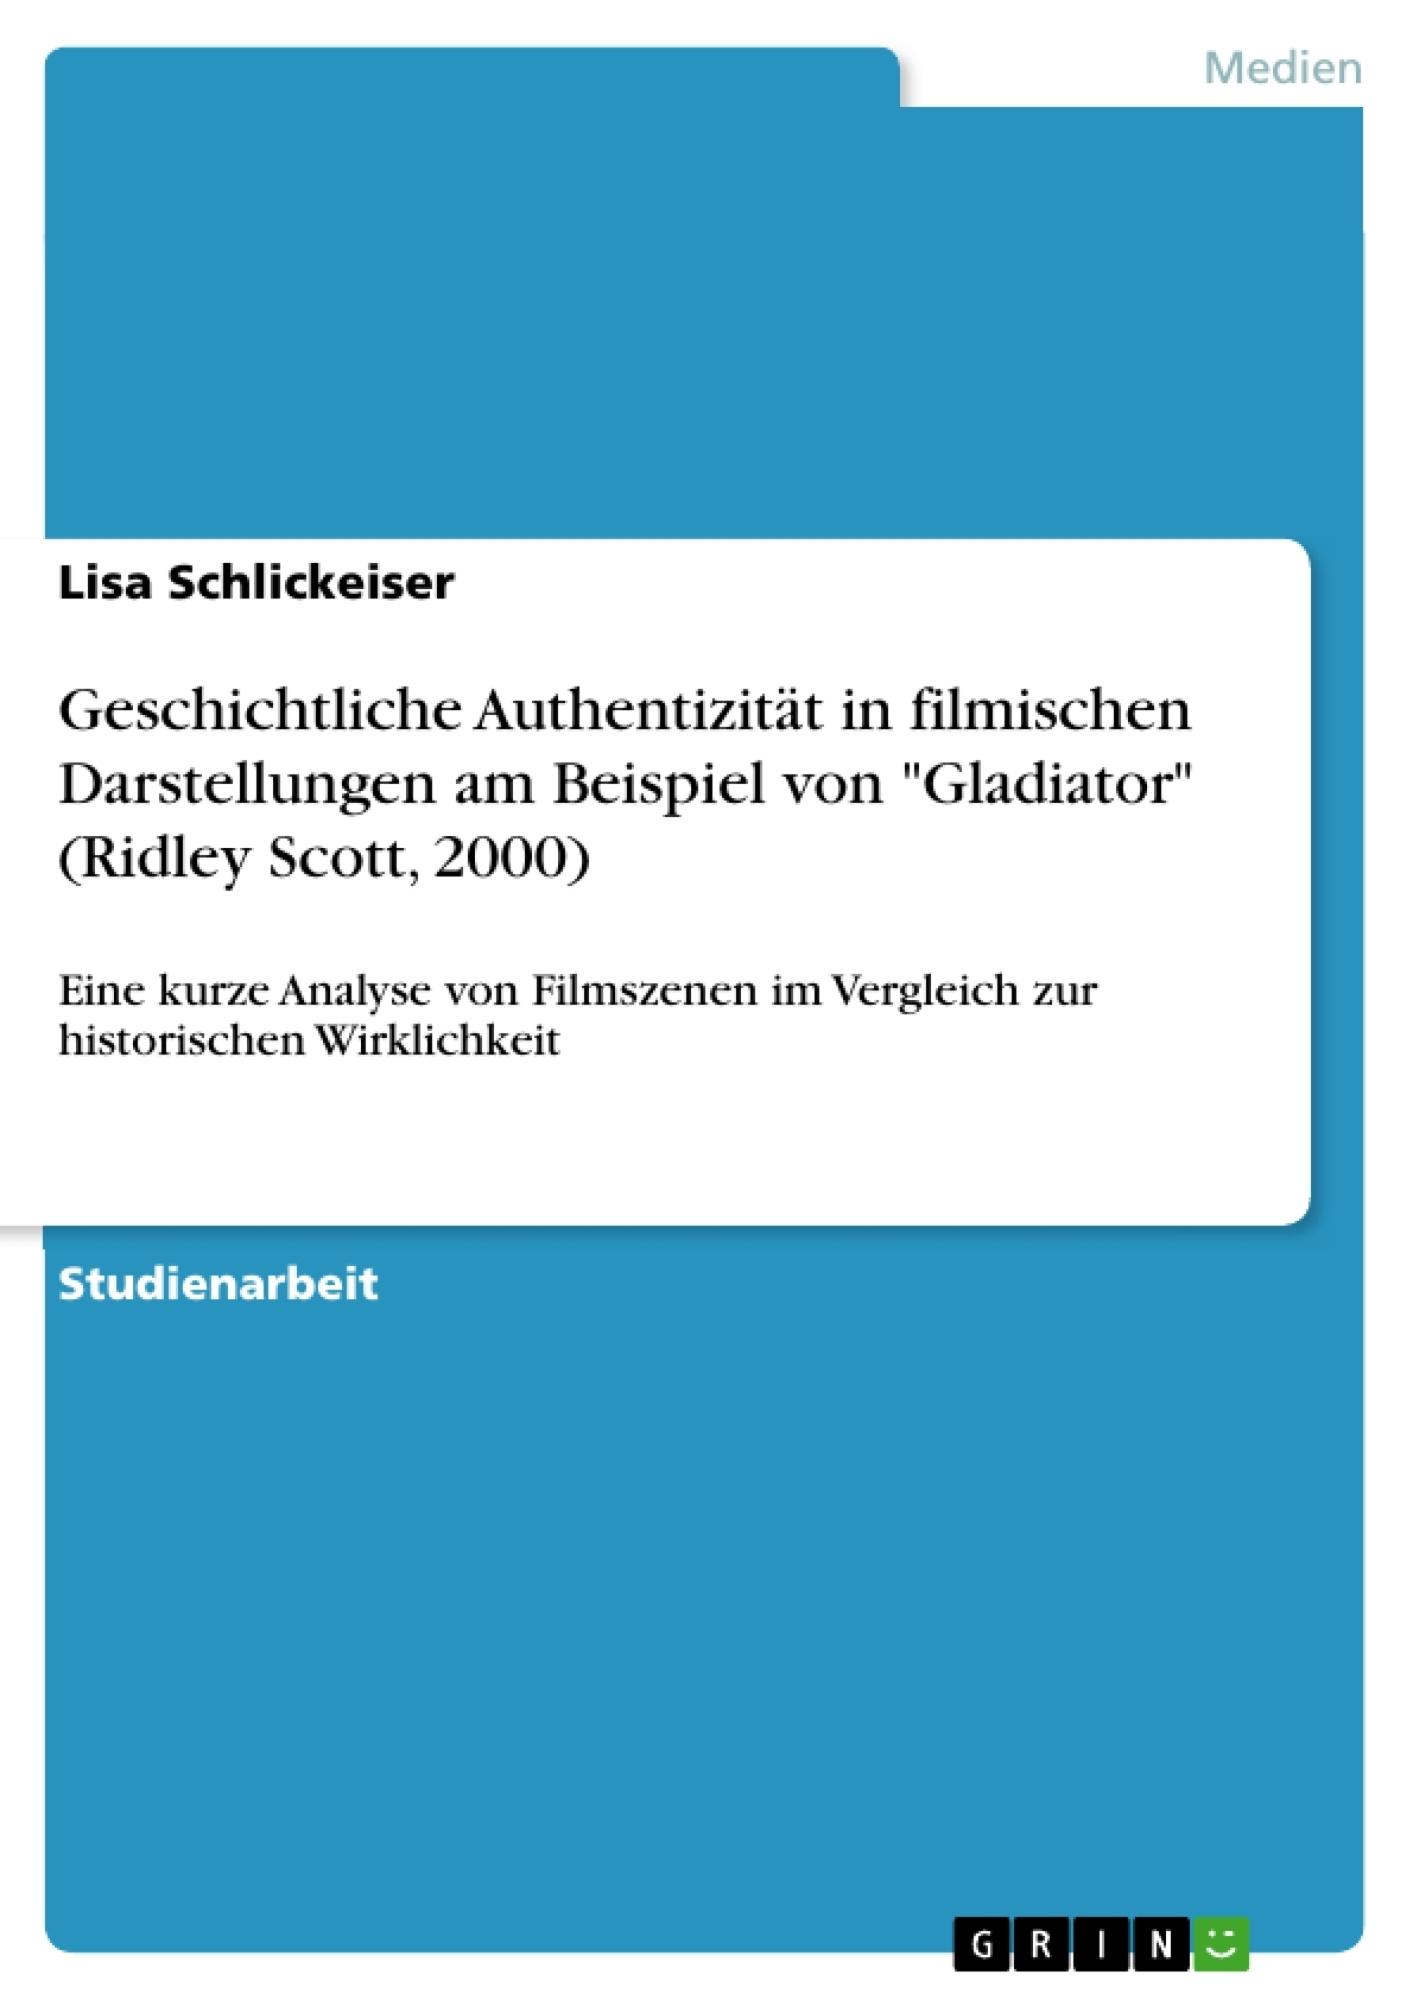 """Titel: Geschichtliche Authentizität in filmischen Darstellungen am Beispiel von """"Gladiator"""" (Ridley Scott, 2000)"""